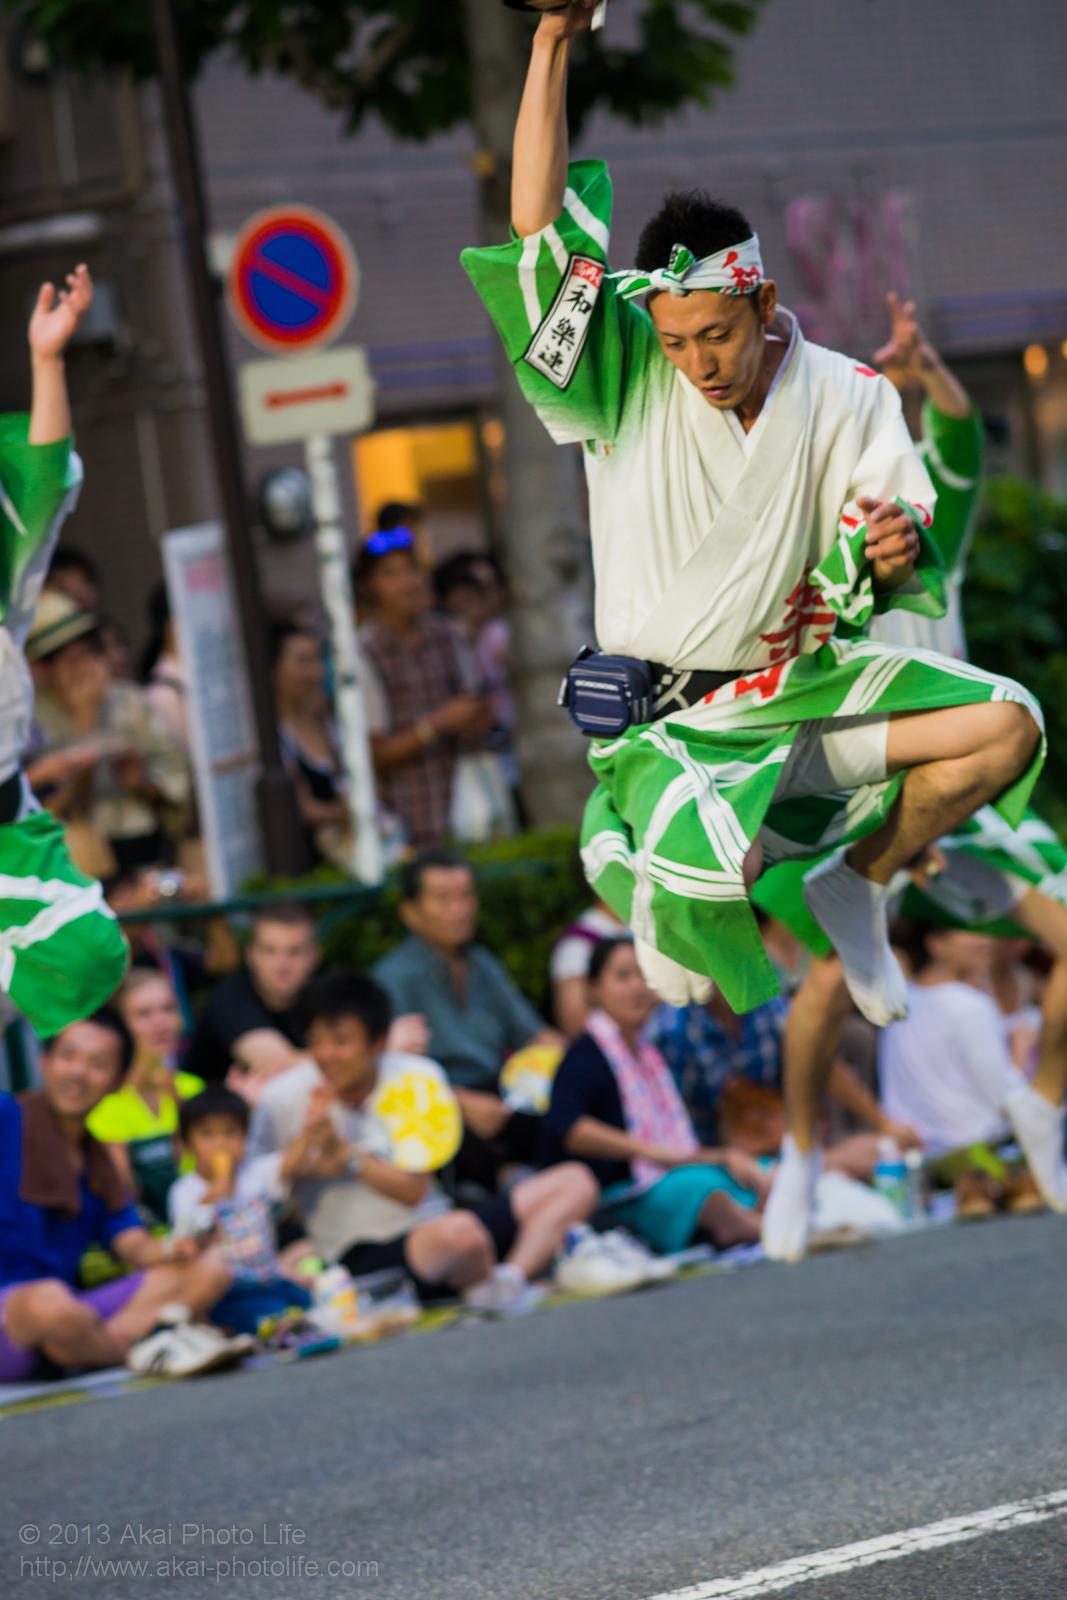 高円寺阿波踊り 和樂連の男踊り